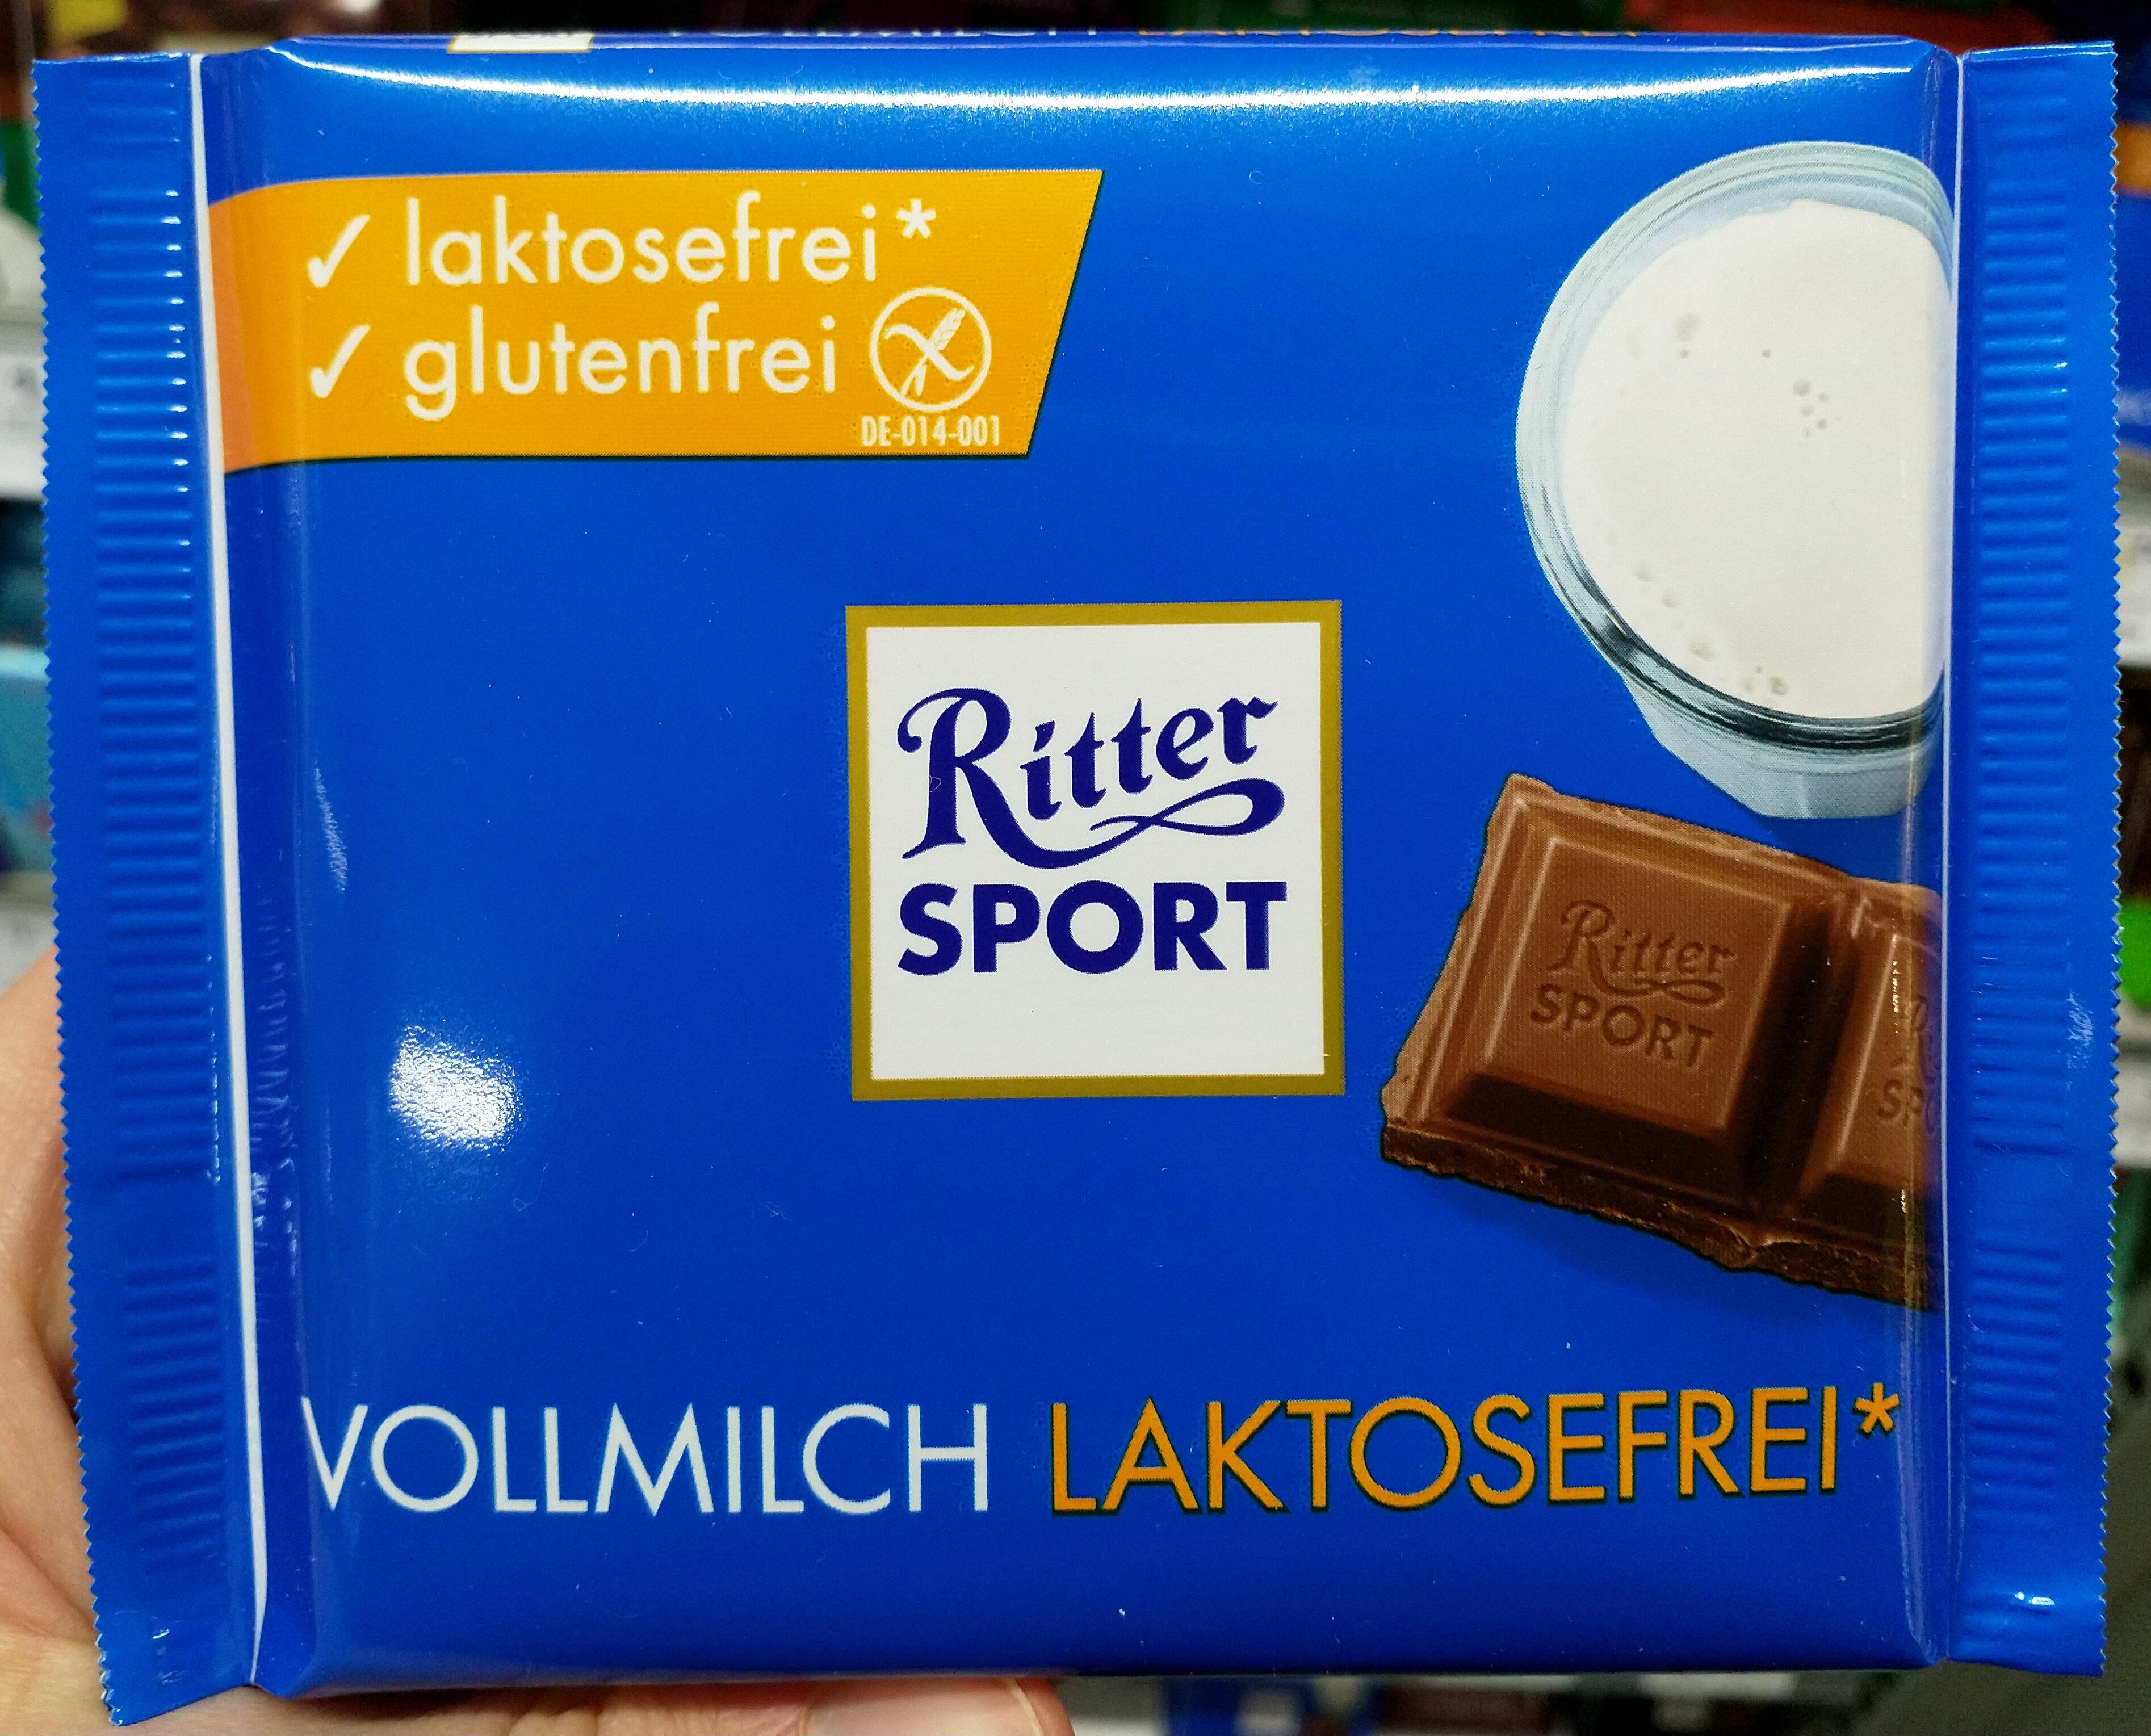 Vollmilch Laktosefrei - Product - de